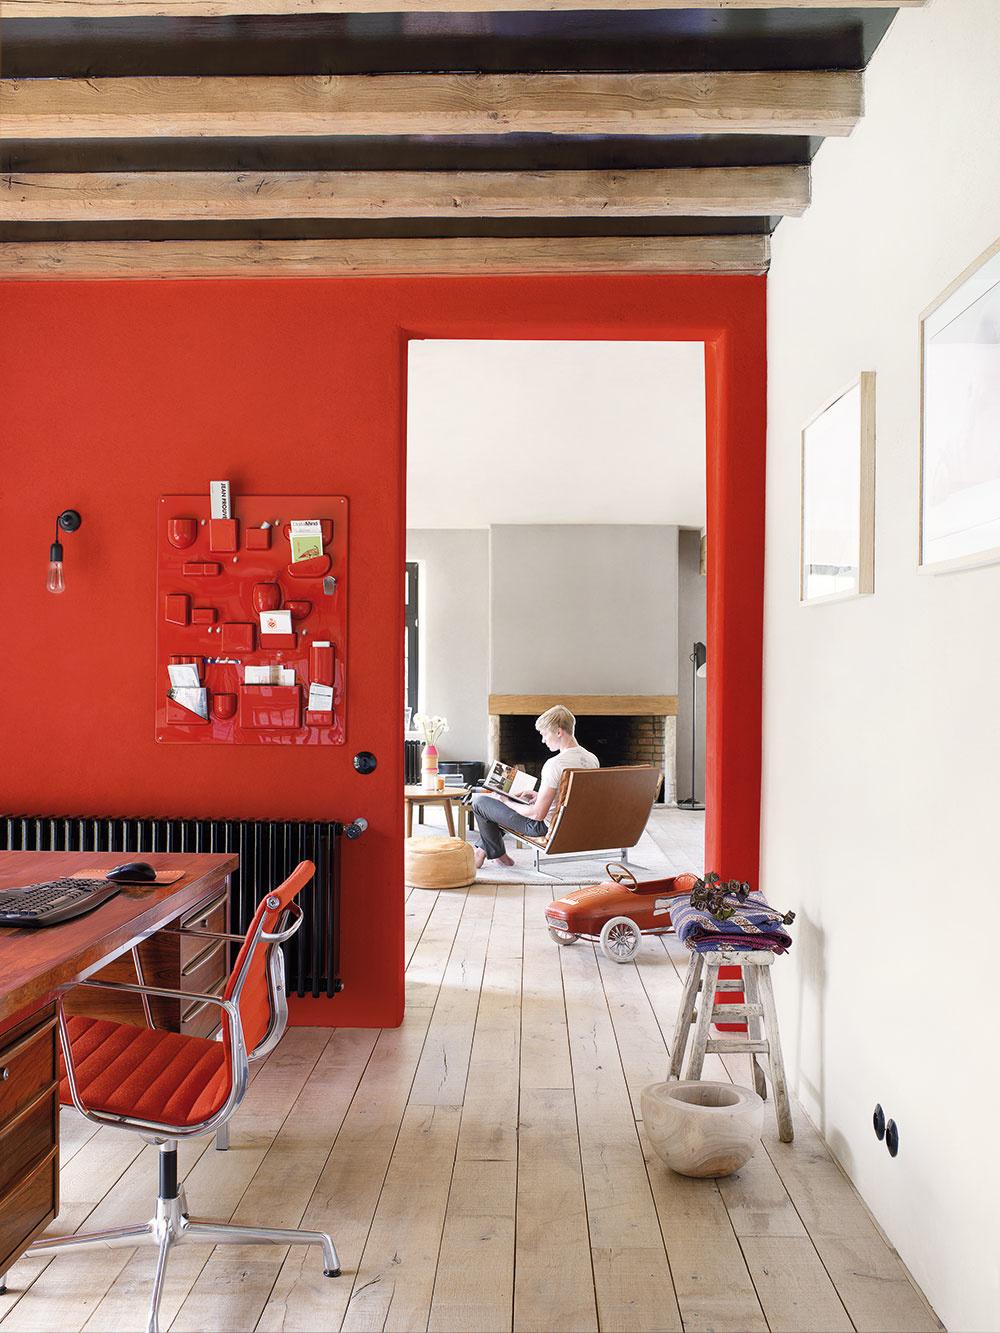 Silná dvojka Horúce červené steny sú vášnivé, ich temperament dokáže vyvážiť len rovnako silný materiál, akým je podlaha z drevených dosiek. Tá vytvára pevný základ, dlhé dosky zároveň fungujú ako spojovací prvok medzi jednotlivými miestnosťami – bez deliacich líšt a dverí tak pôsobí interiér jednoliato. A keď sa nám zažiada trochu pokojnejšej energie, stačí sa presunúť do vedľajšej izby a usadiť sa v pohodlnom kresle.